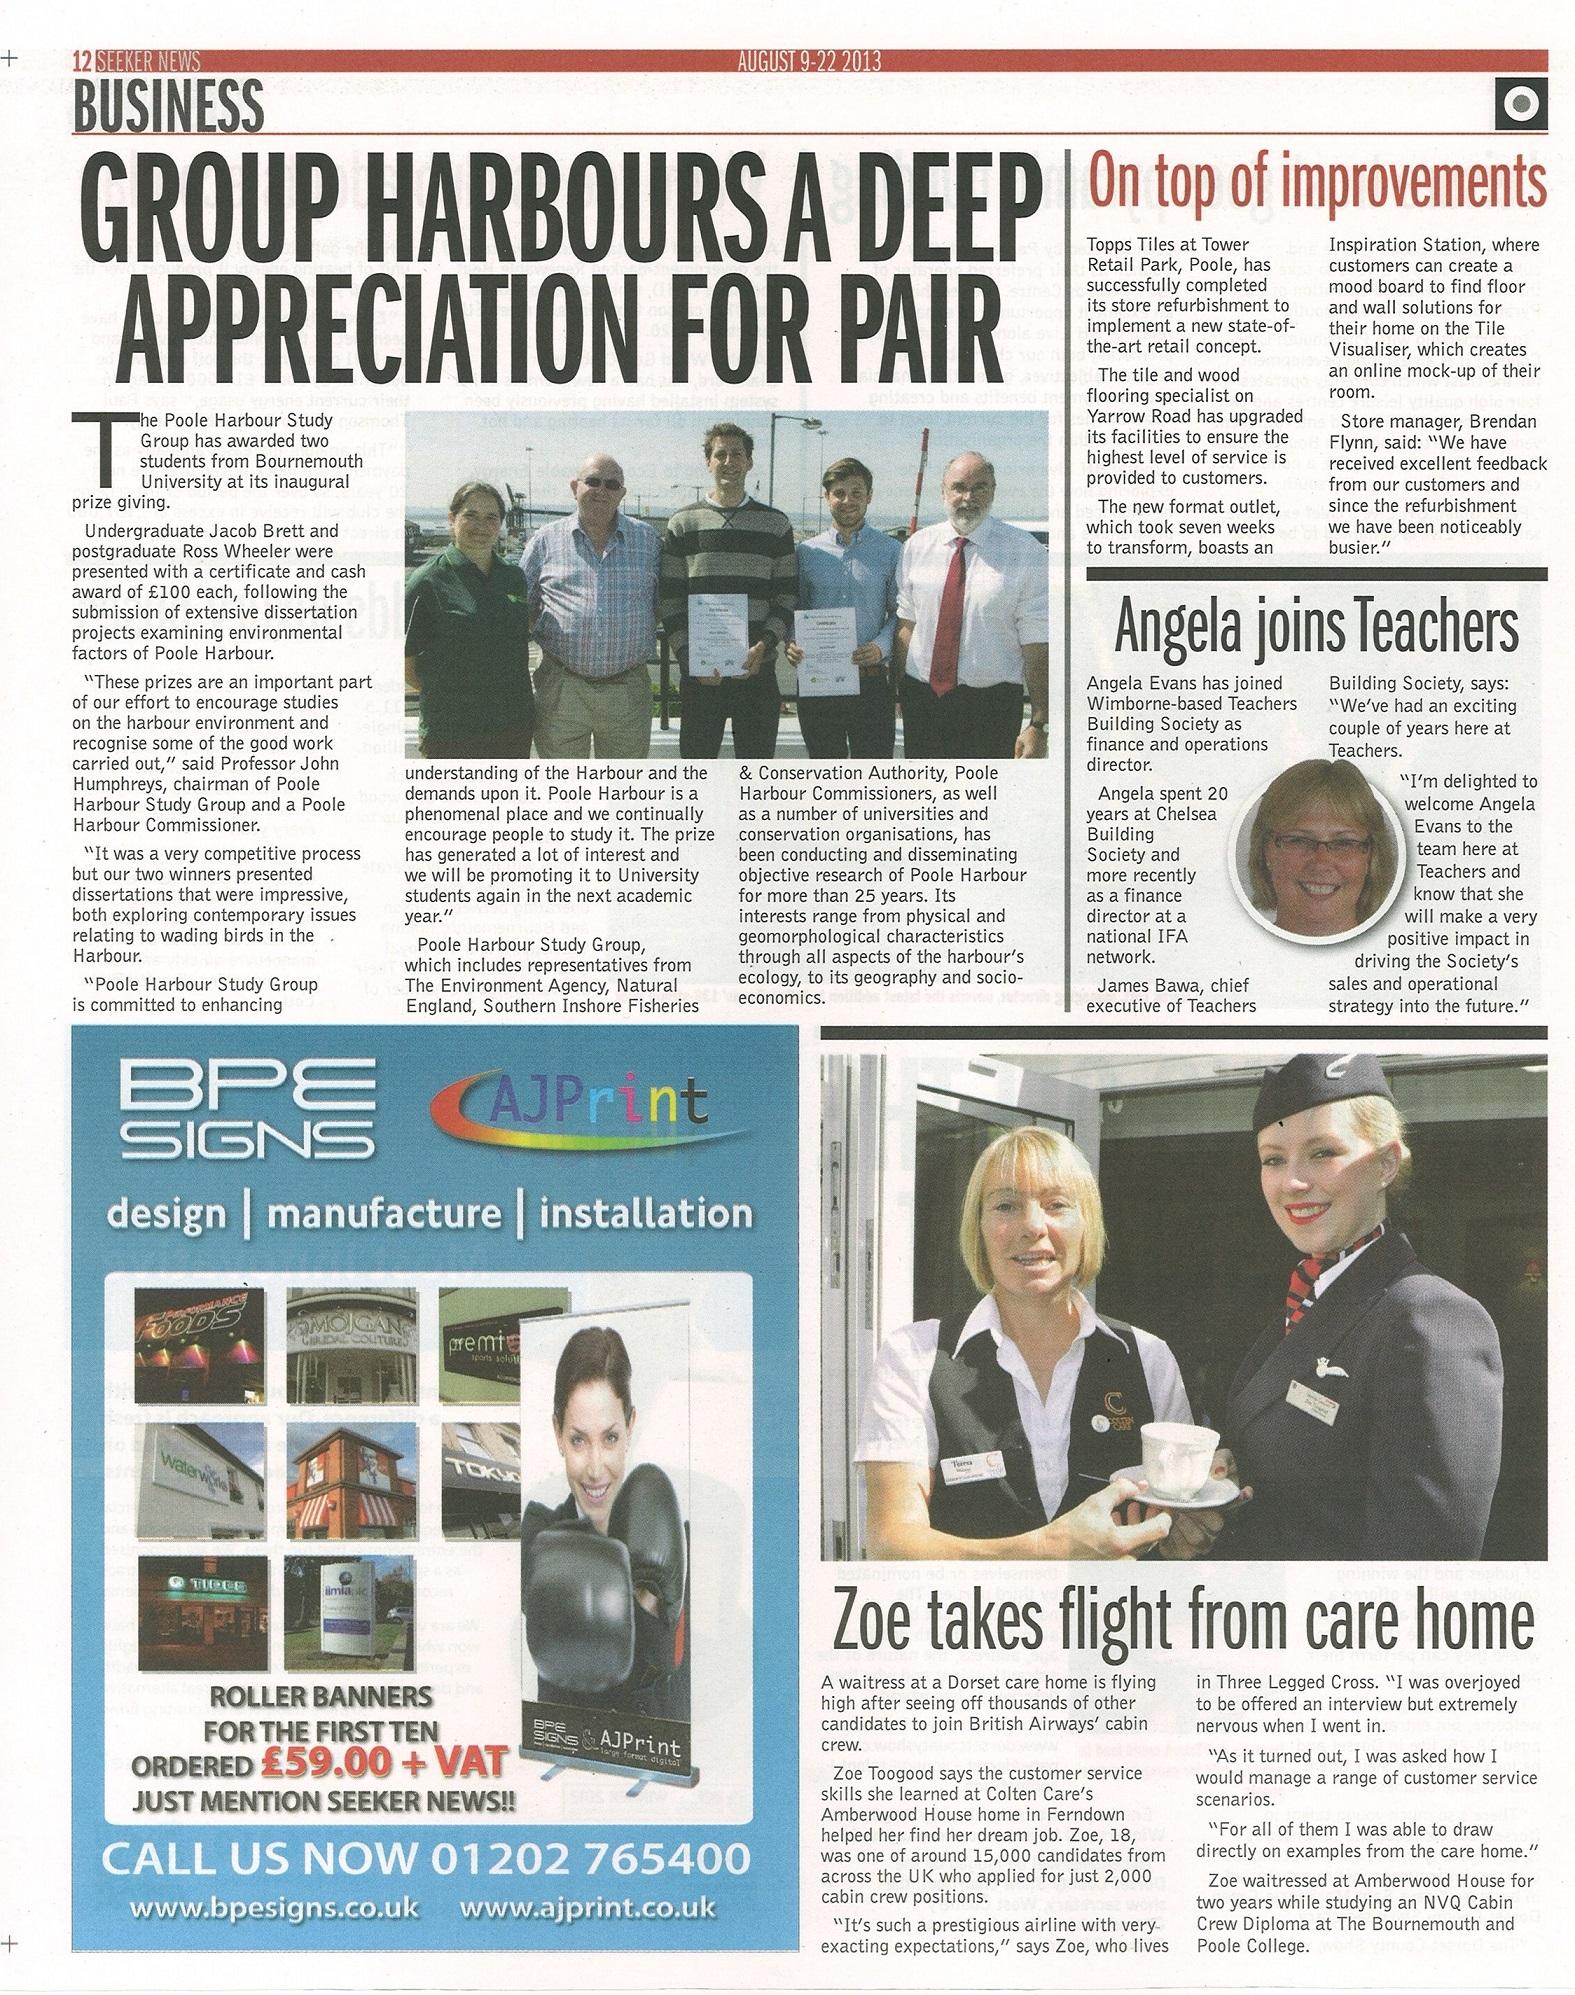 Seeker News 22 August 2013